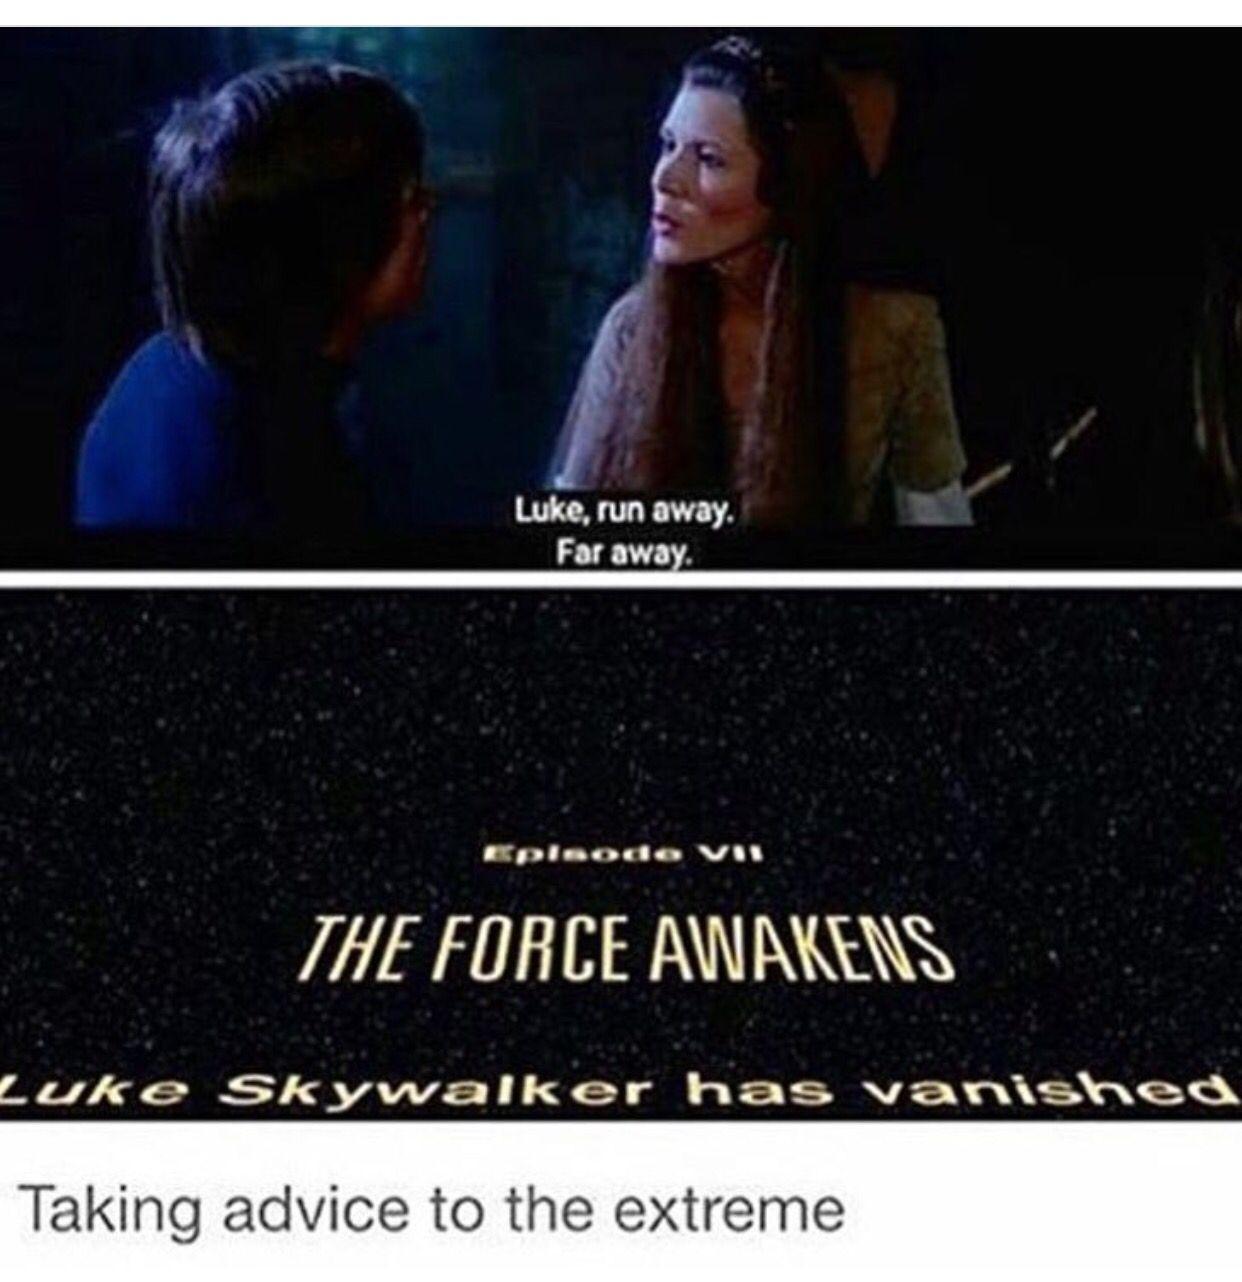 Luke Skywalker Meme By Missagent E On Pinterest Meme Memes Teenagerposts Sorelatable Truths Sta Star Wars Humor Star Wars Memes School For Good And Evil